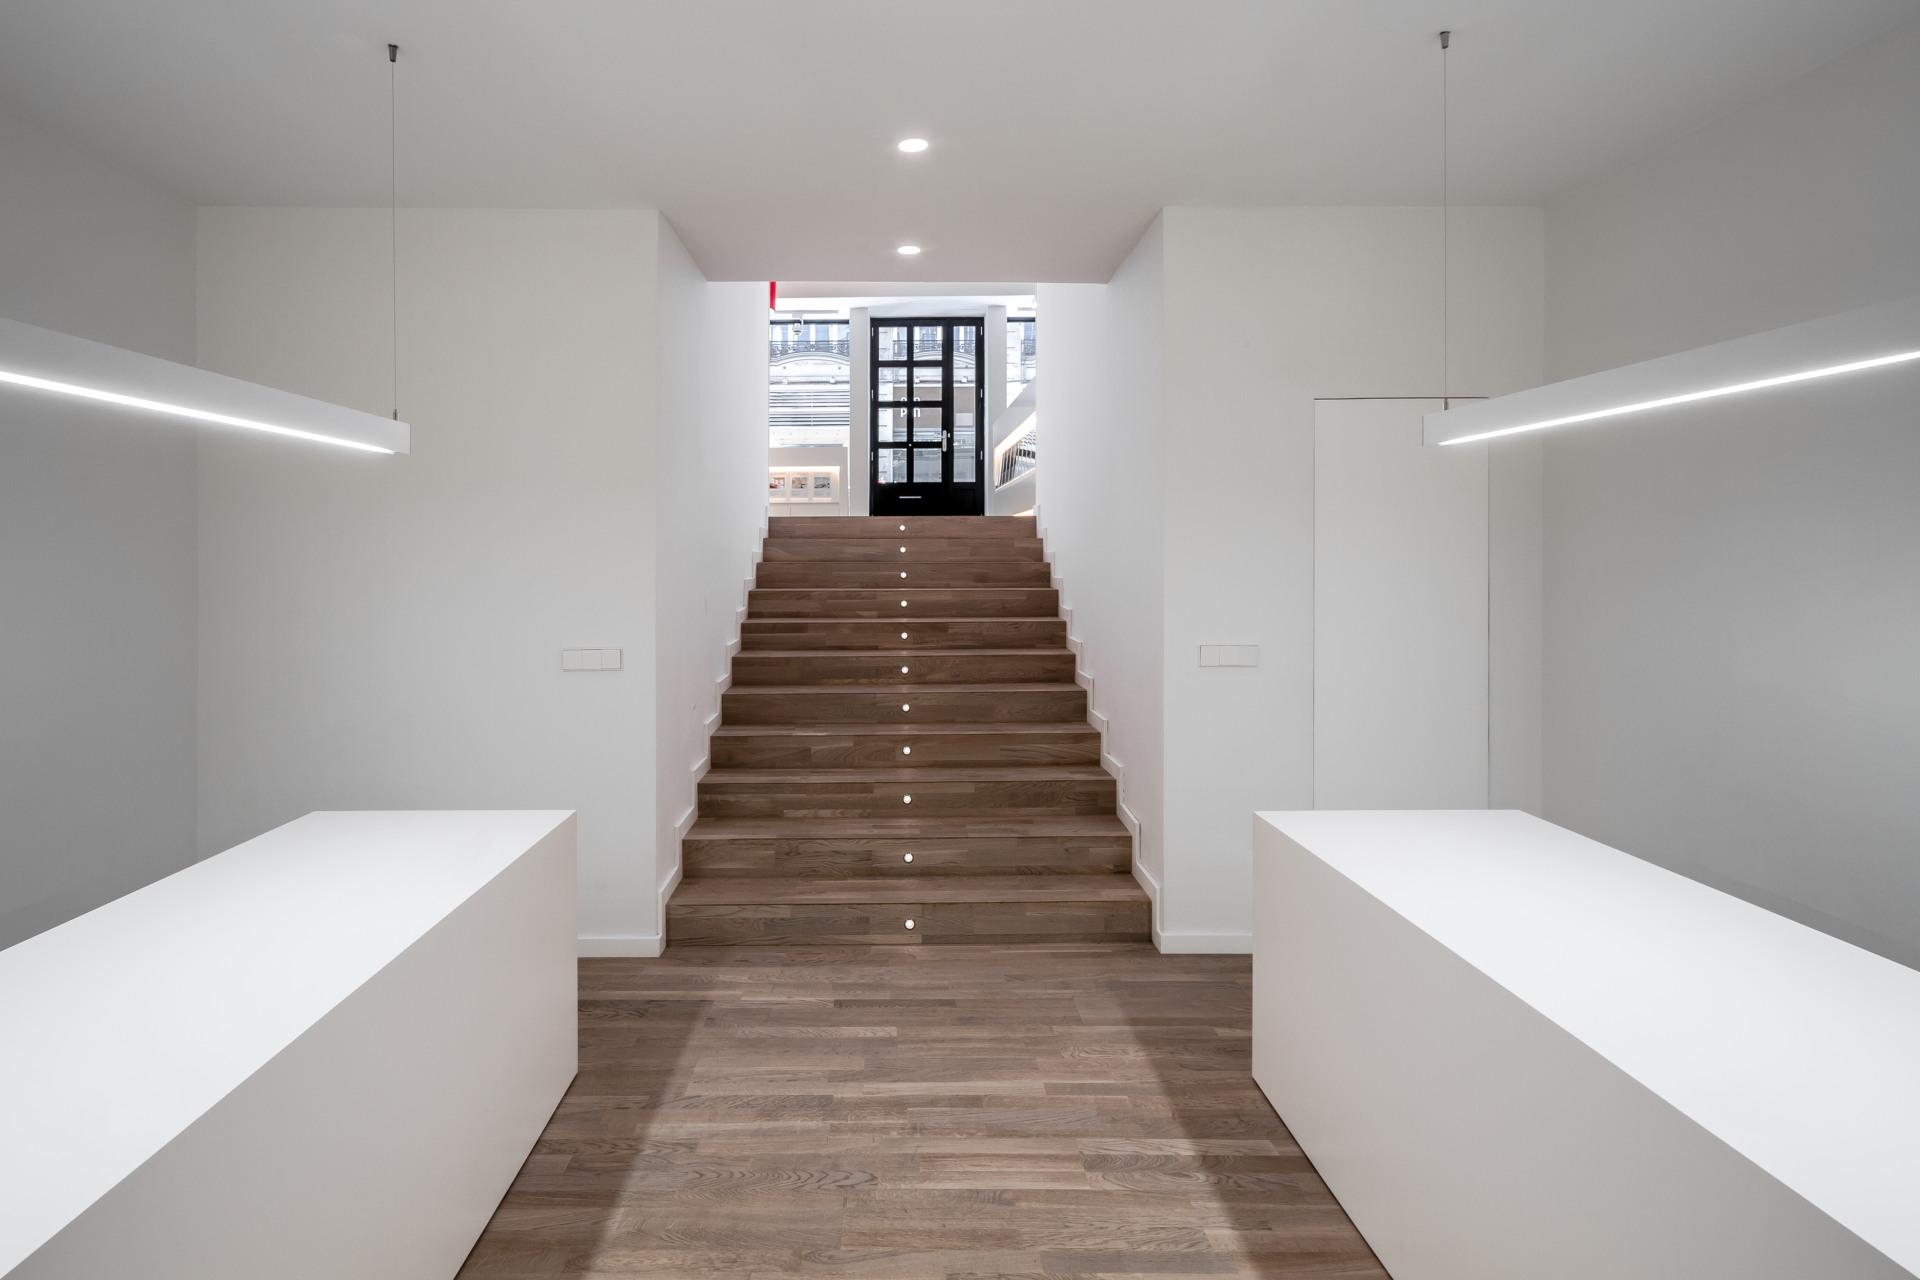 fotografia-arquitectura-valencia-german-cabo-bfm-engel-volkers (19)